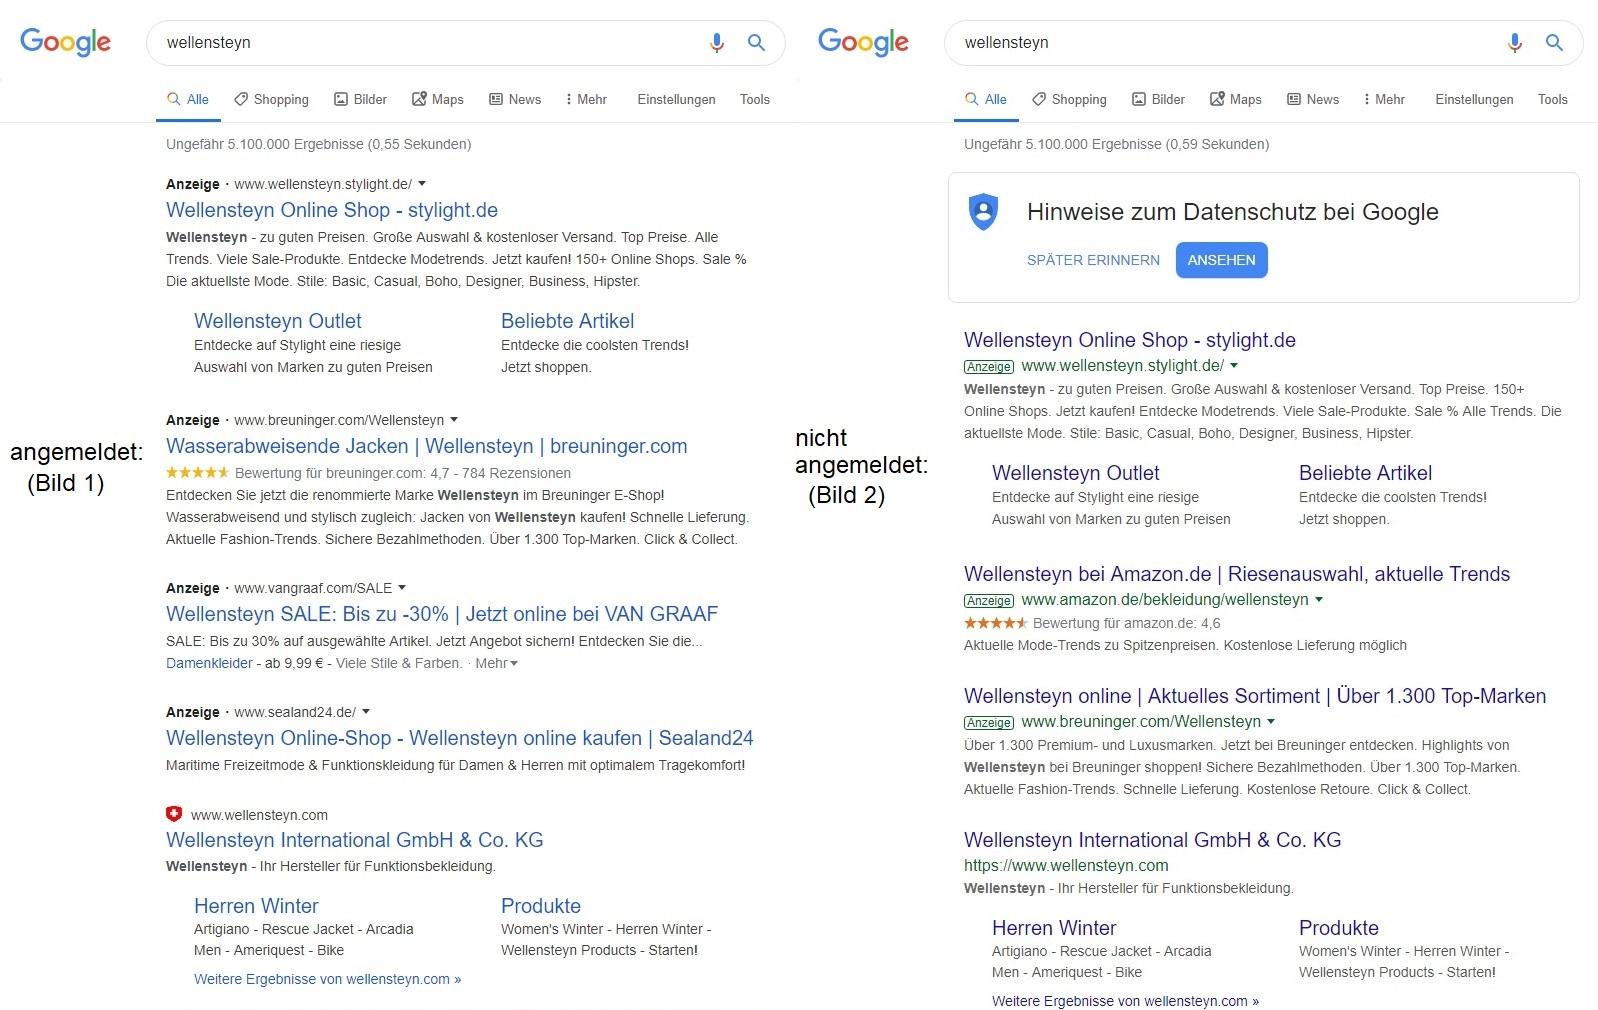 Die ersten 4 Suchergebnisse sind bei mir Werbung, jedoch vom